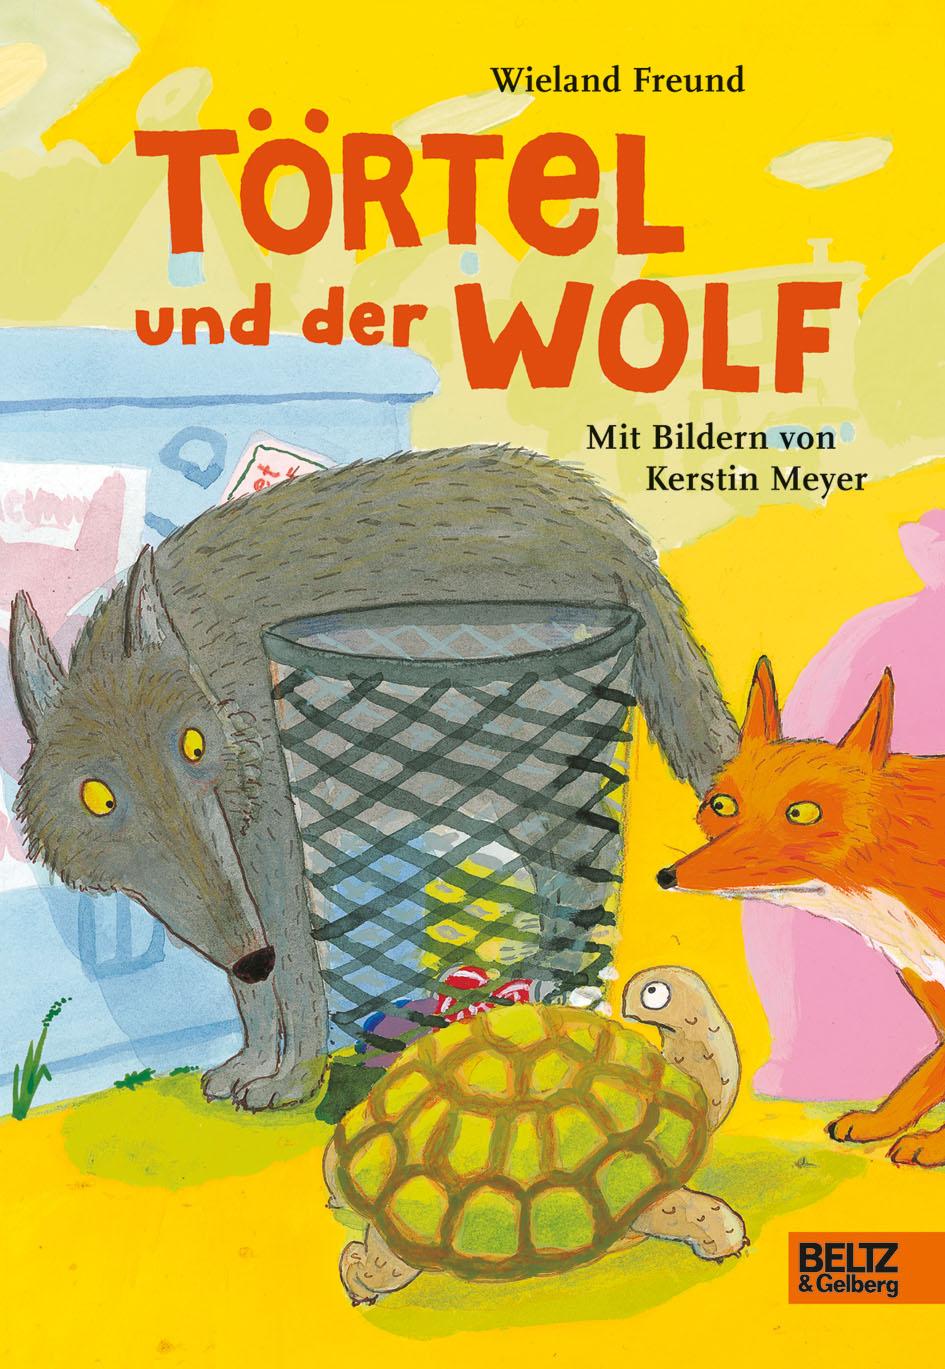 Törtel und der Wolf Wieland Freund